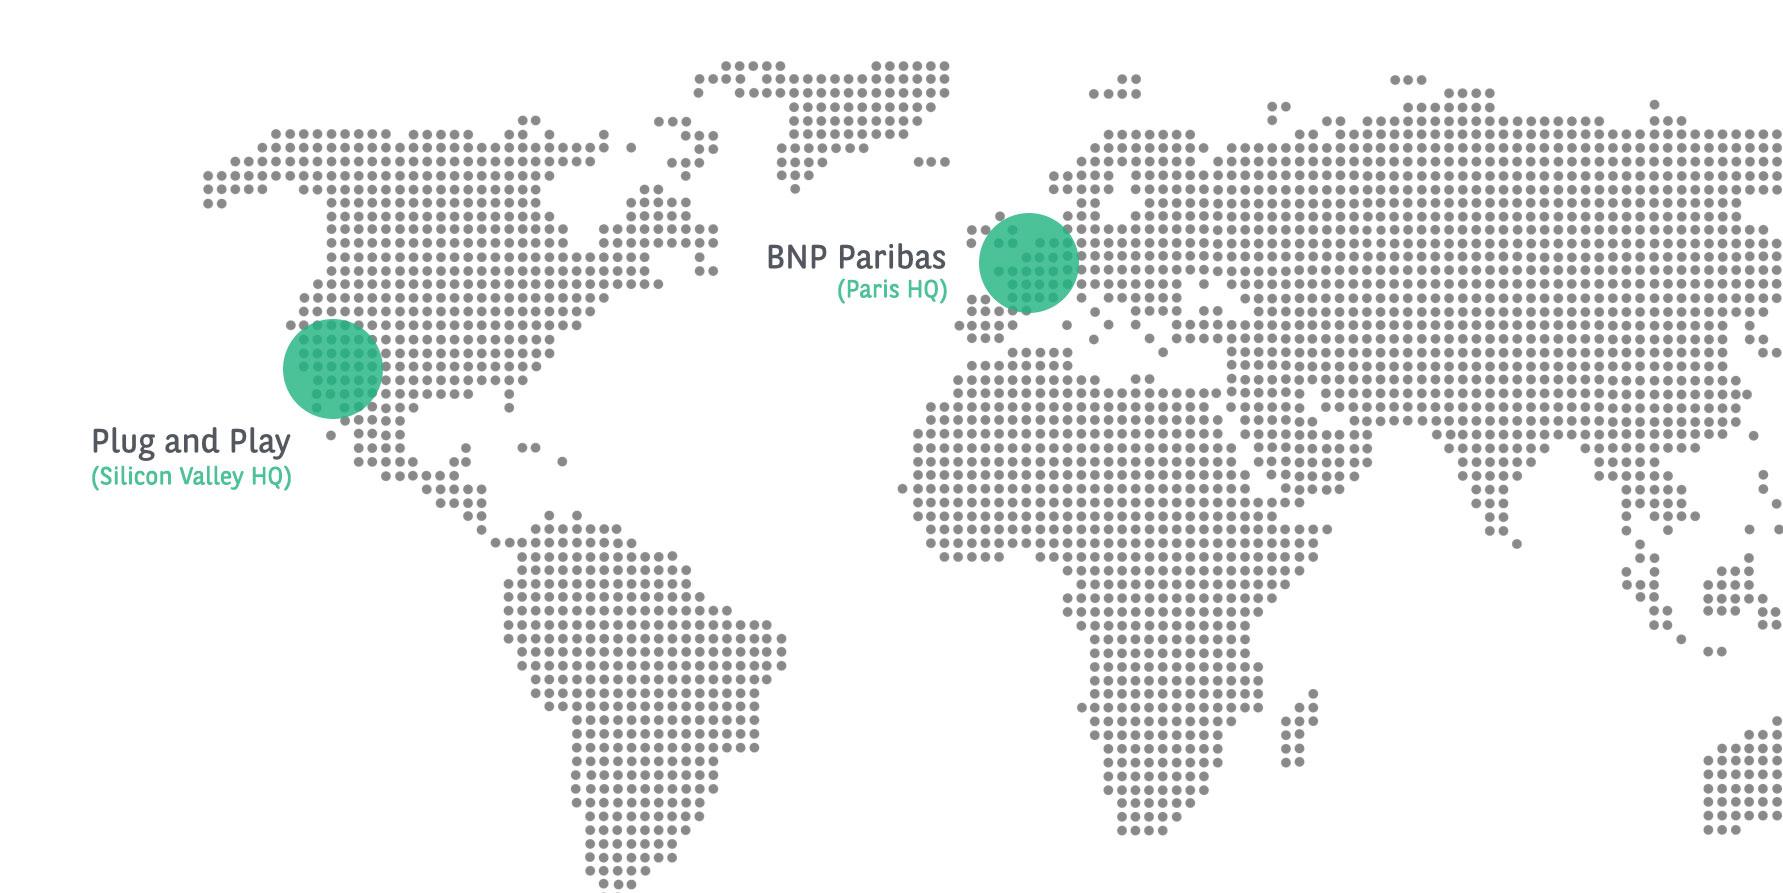 bnp paribas - plug and play